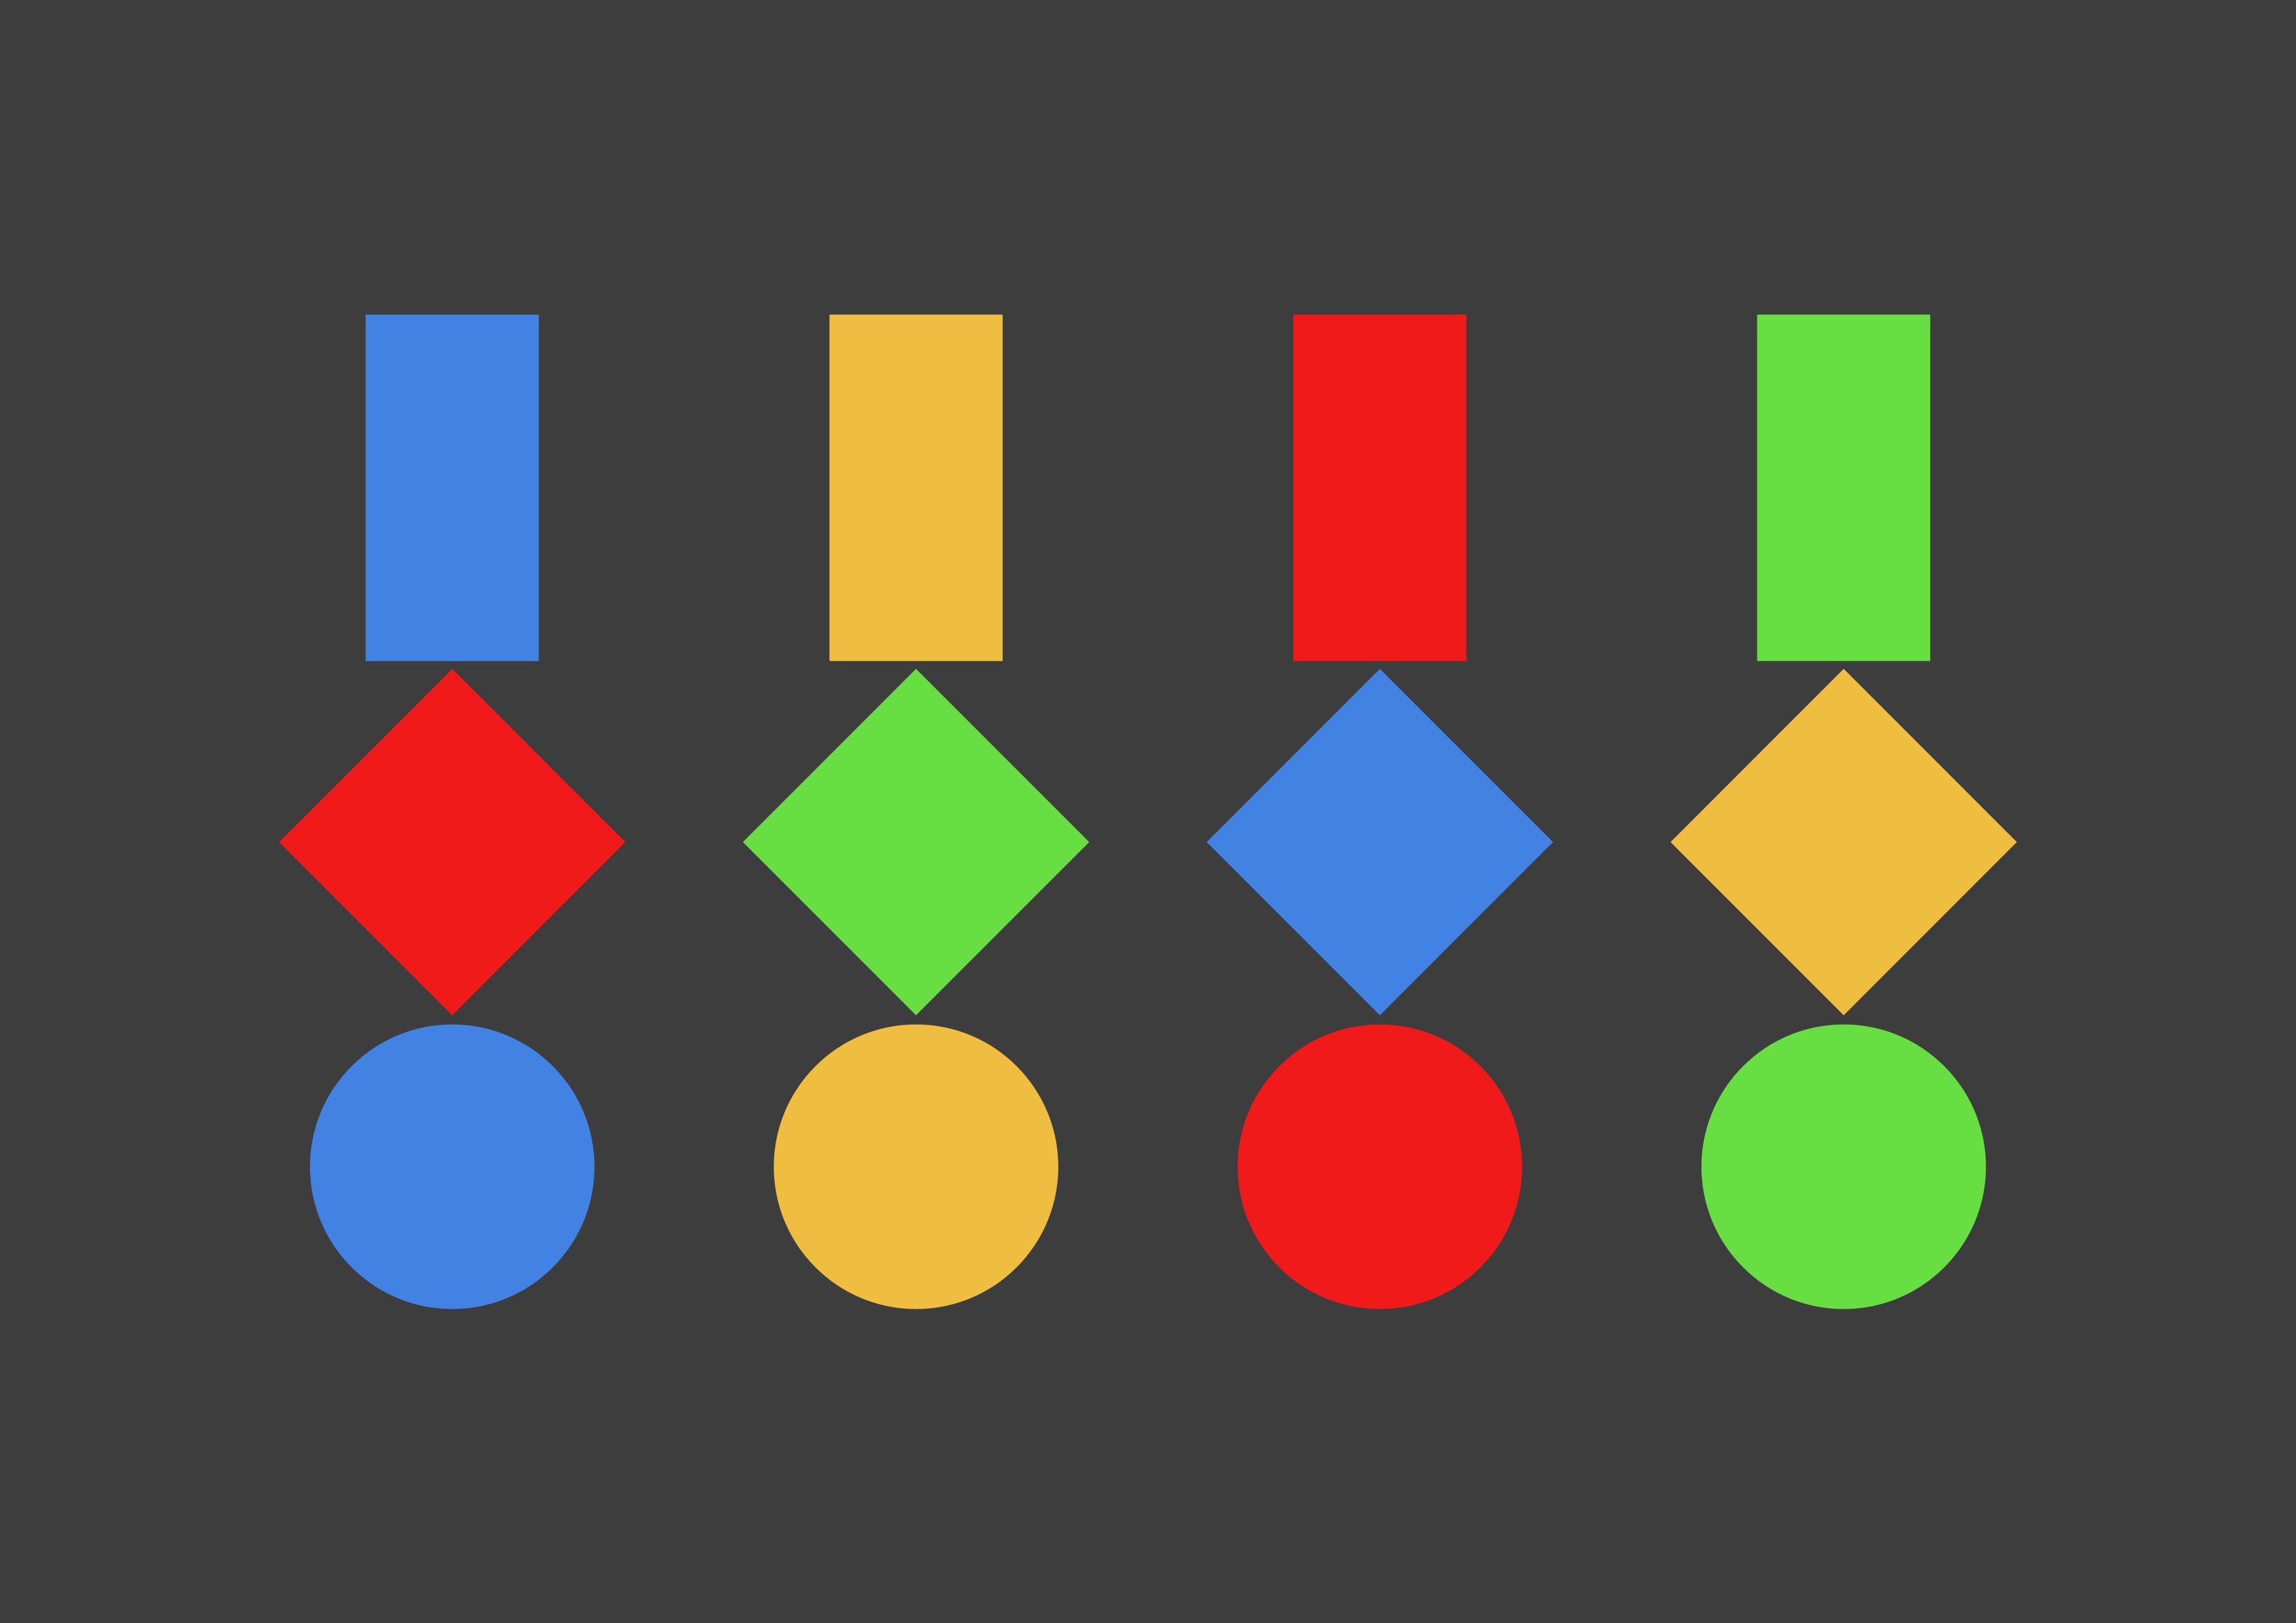 Drei geometrische Figuren · Mit vier Farben · Dunkler Hintergrund